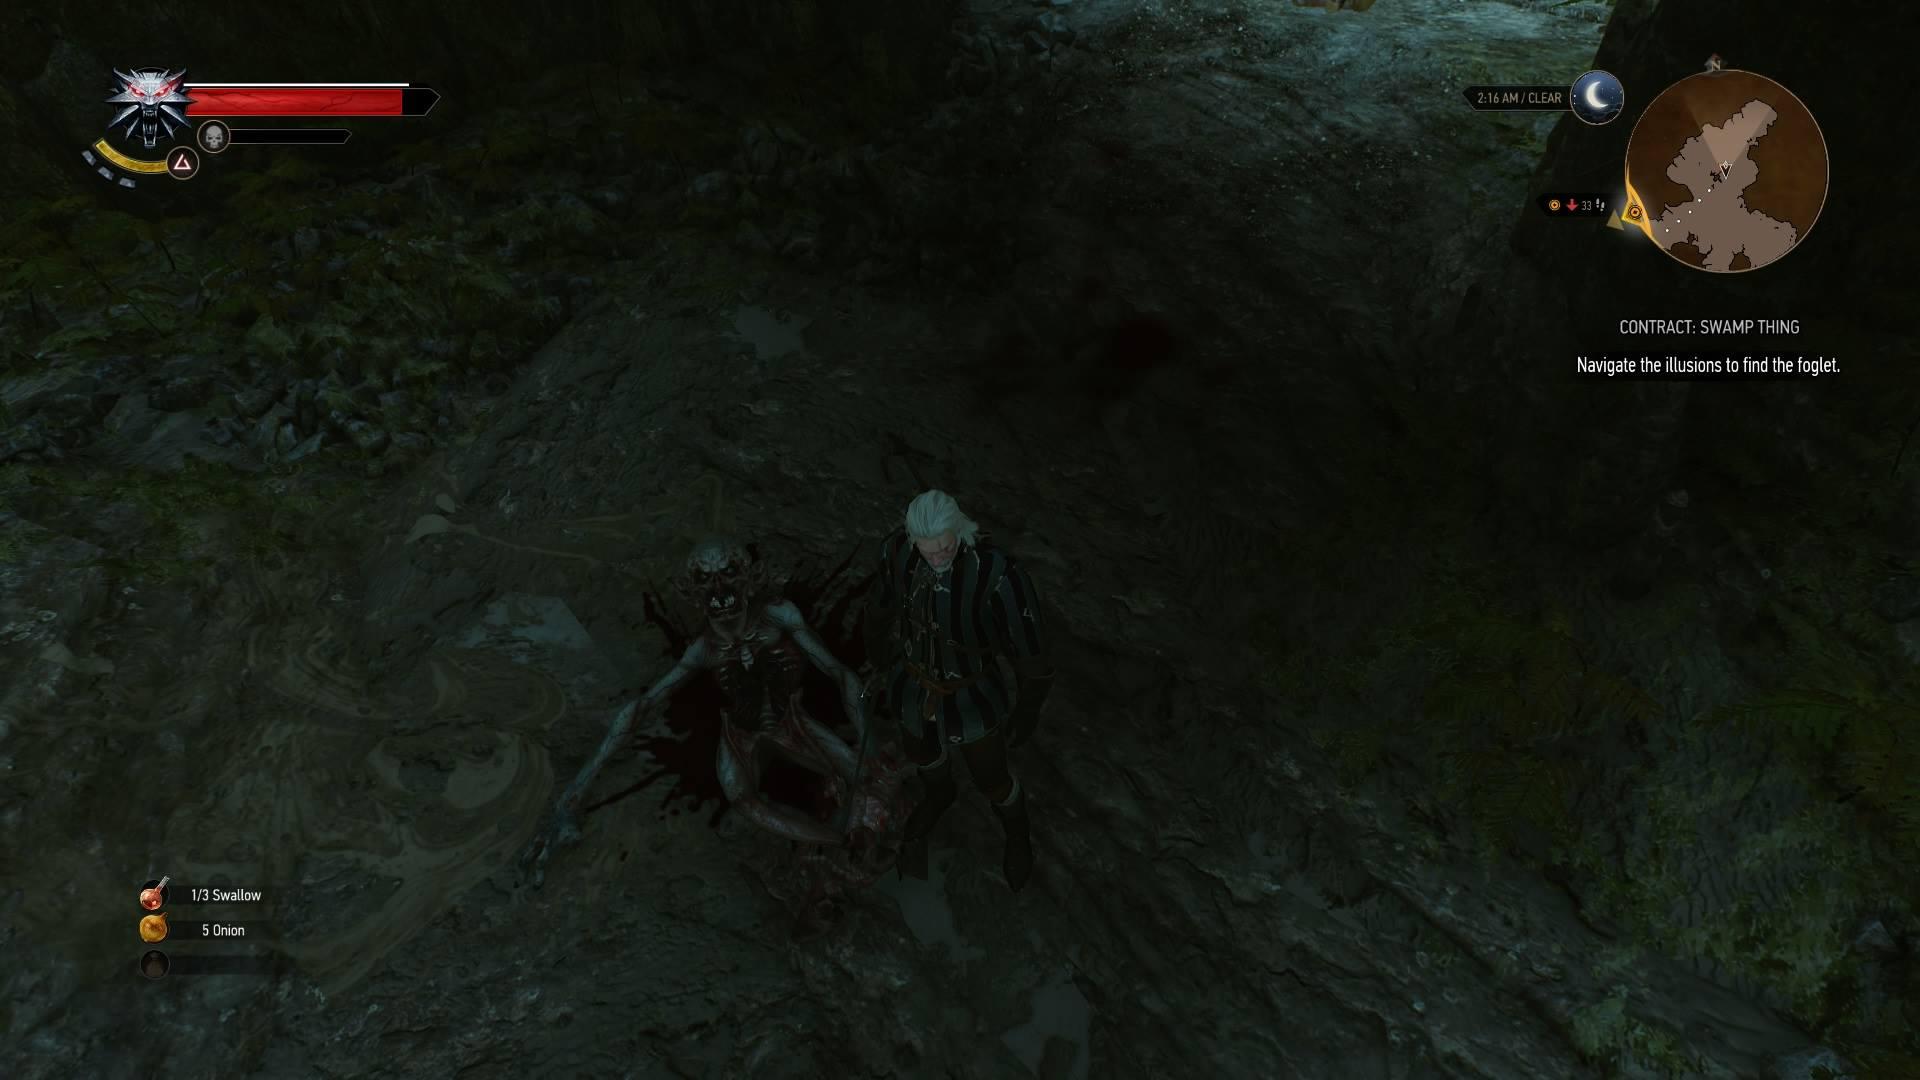 elegante nello stile migliore qualità nuovo design The Witcher 3: Swamp Thing Contract - VG247